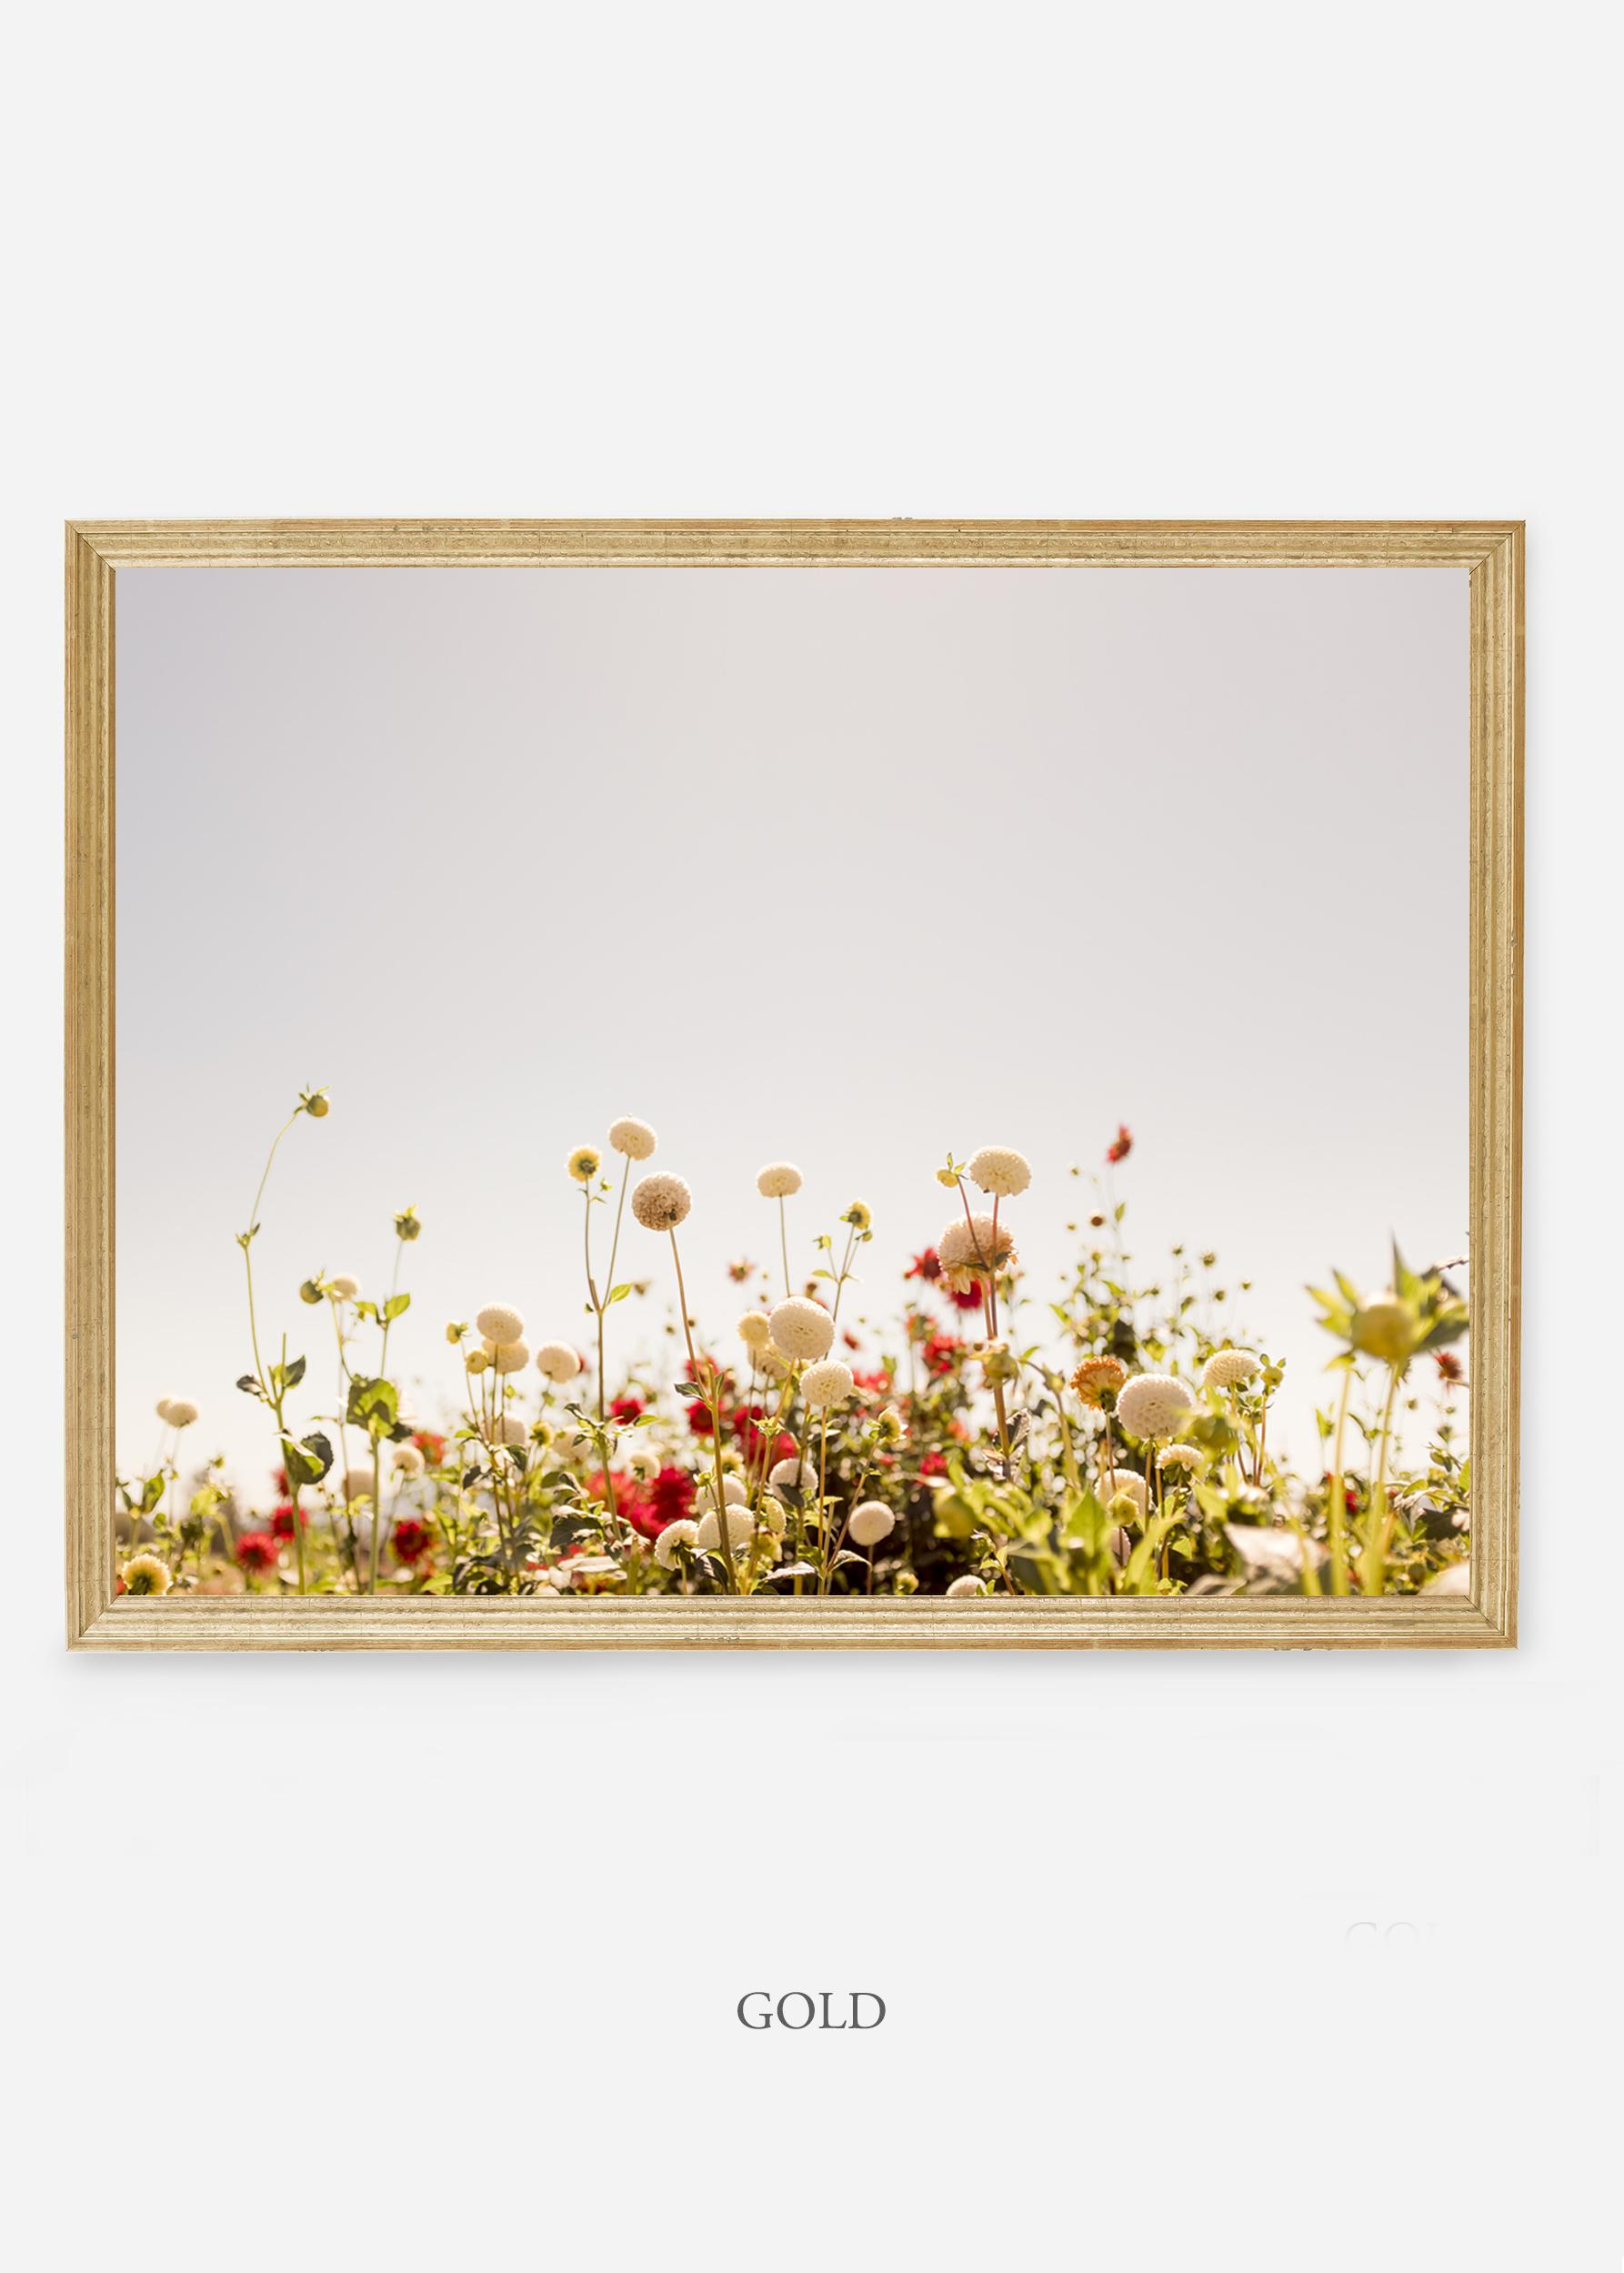 NoMat-Gold-Frame-DahliaNo.5-Wilder-California-Art-Floral-Home-decor-Prints-Dahlia-Botanical-Artwork-Interior-design.jpg